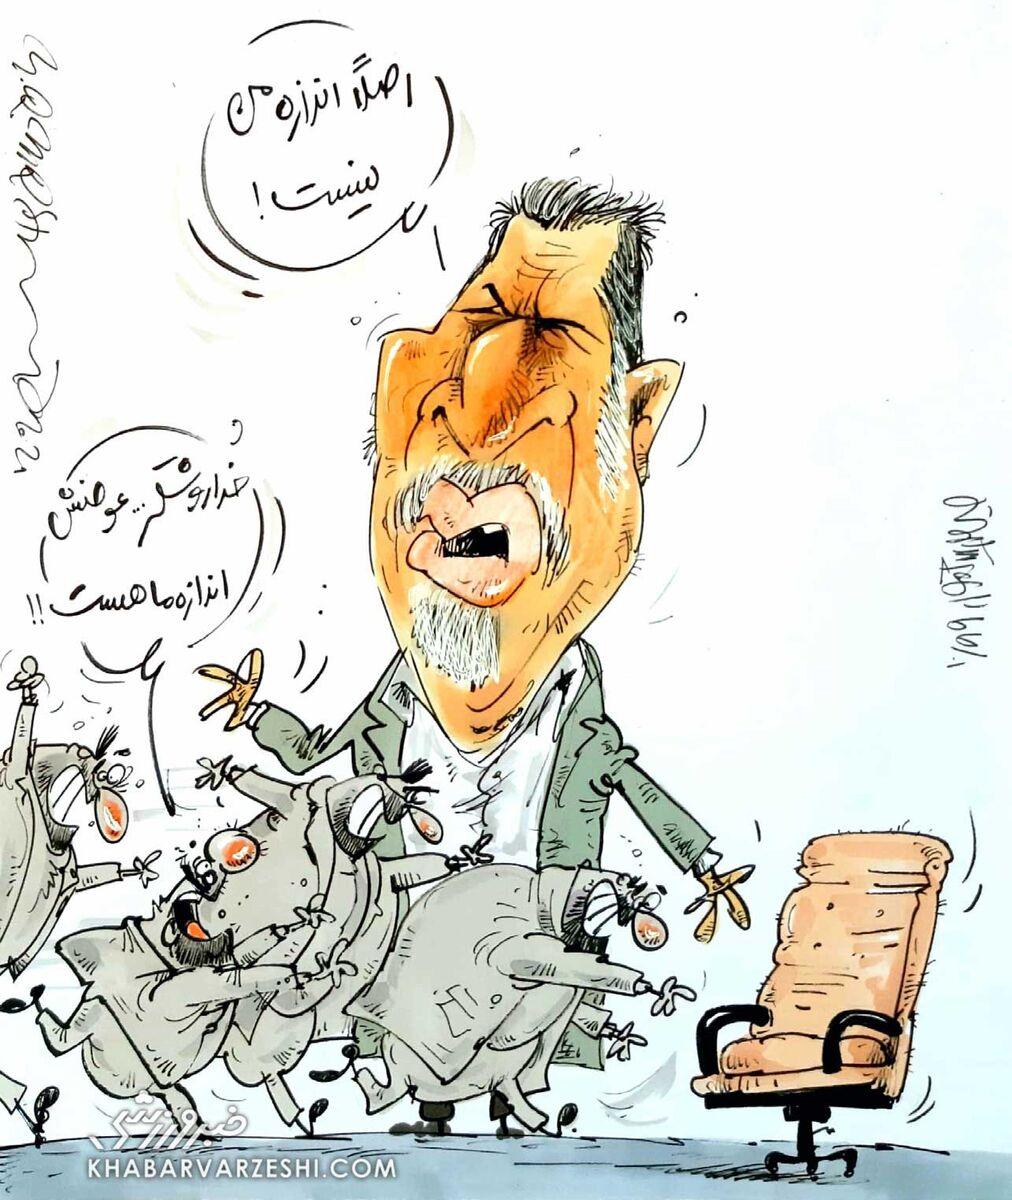 کارتون محمدرضا میرشاهولد درباره علی دایی در انتخابات فدراسیون